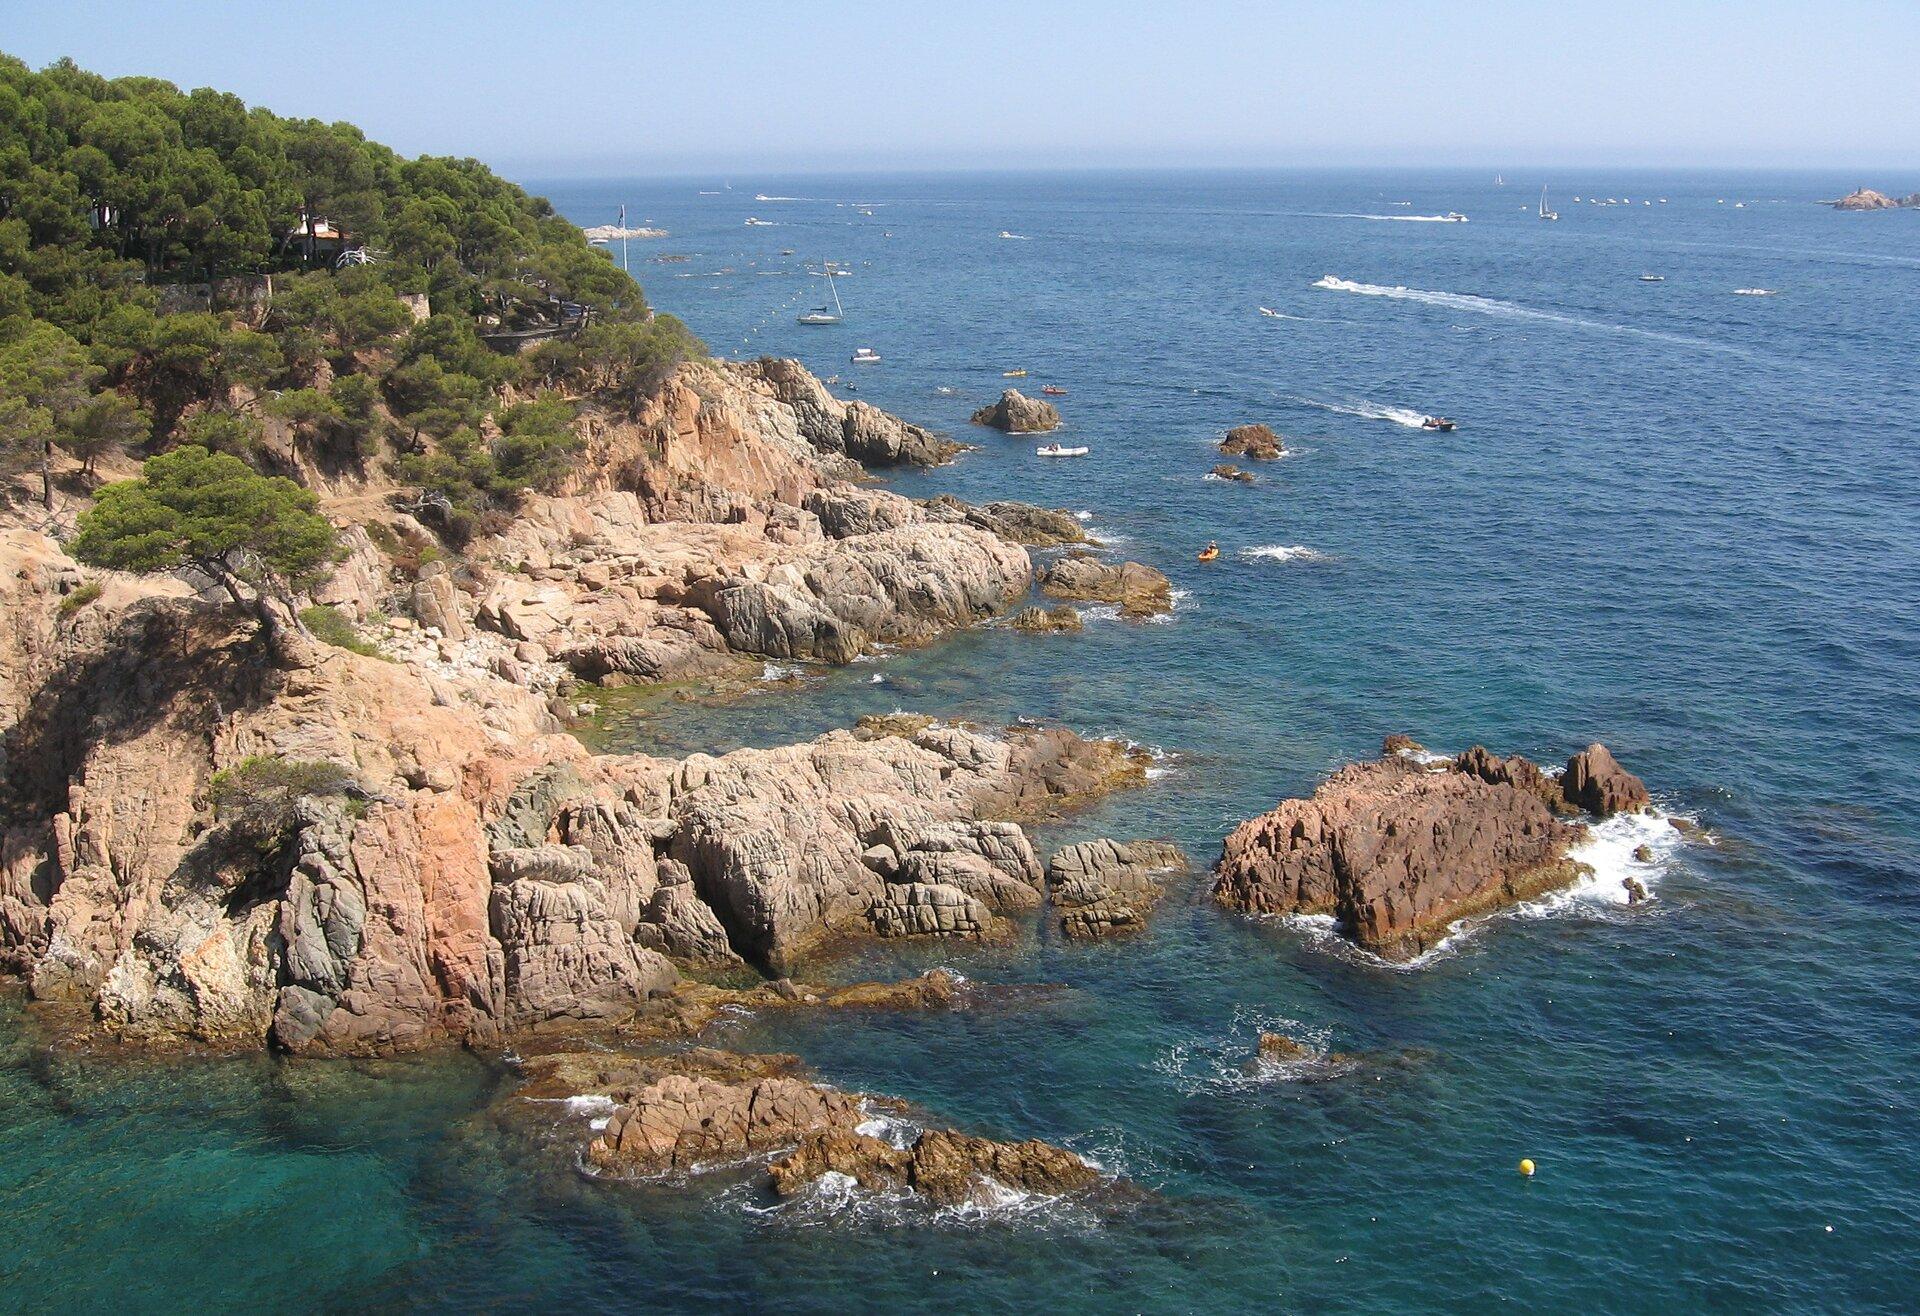 Na zdjęciu wysoki, skalisty brzeg morski, wyżej porośnięty lasem iglastym. Zprawej strony morze, żaglówki.